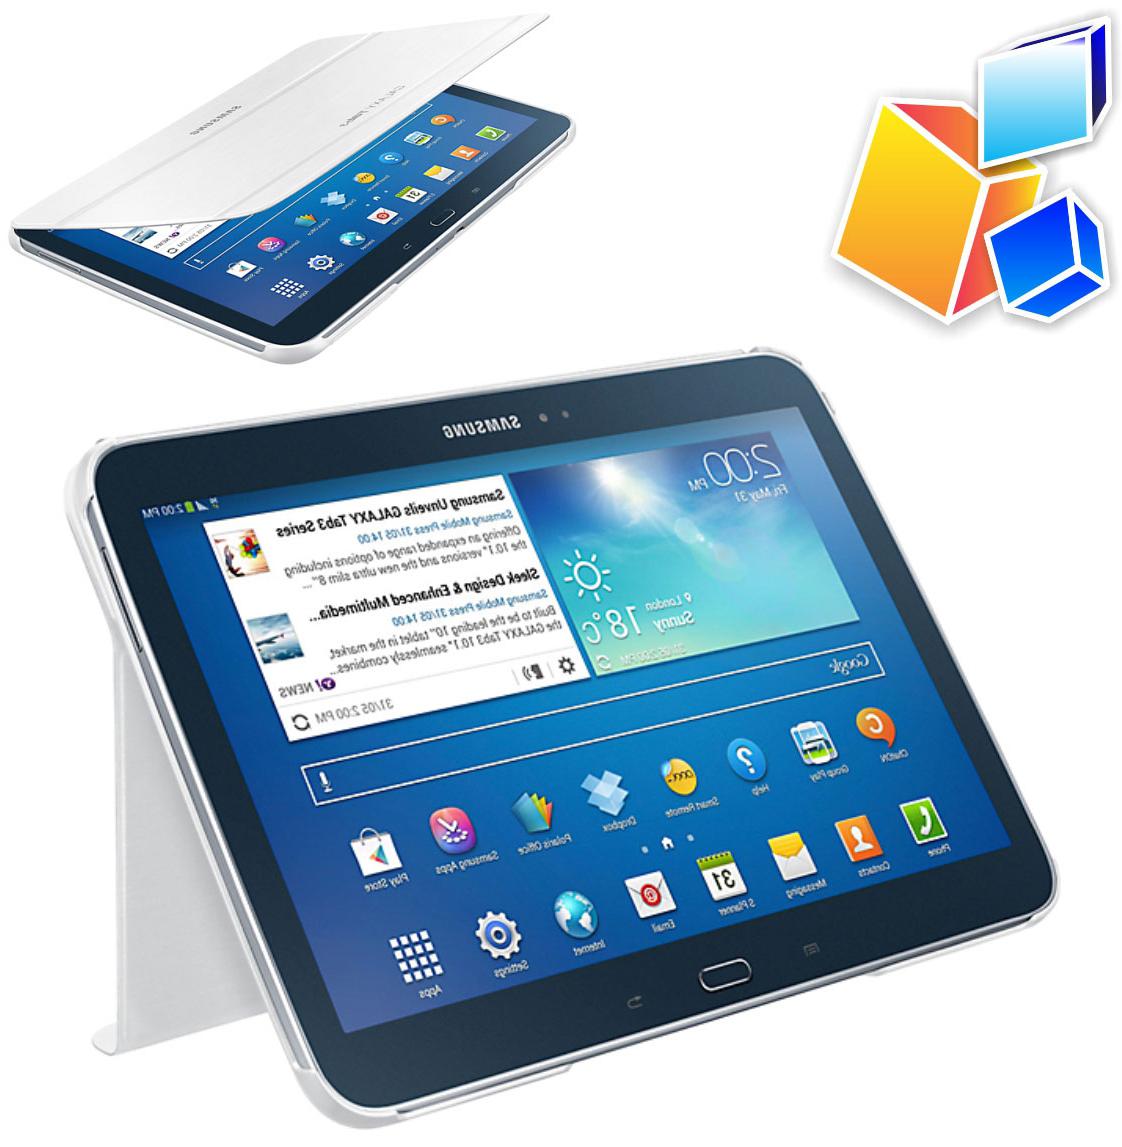 Accesorios Tablet Samsung Y7du Estuche Samsung Galaxy Tab 3 10 1 Book Cover Pcstats24